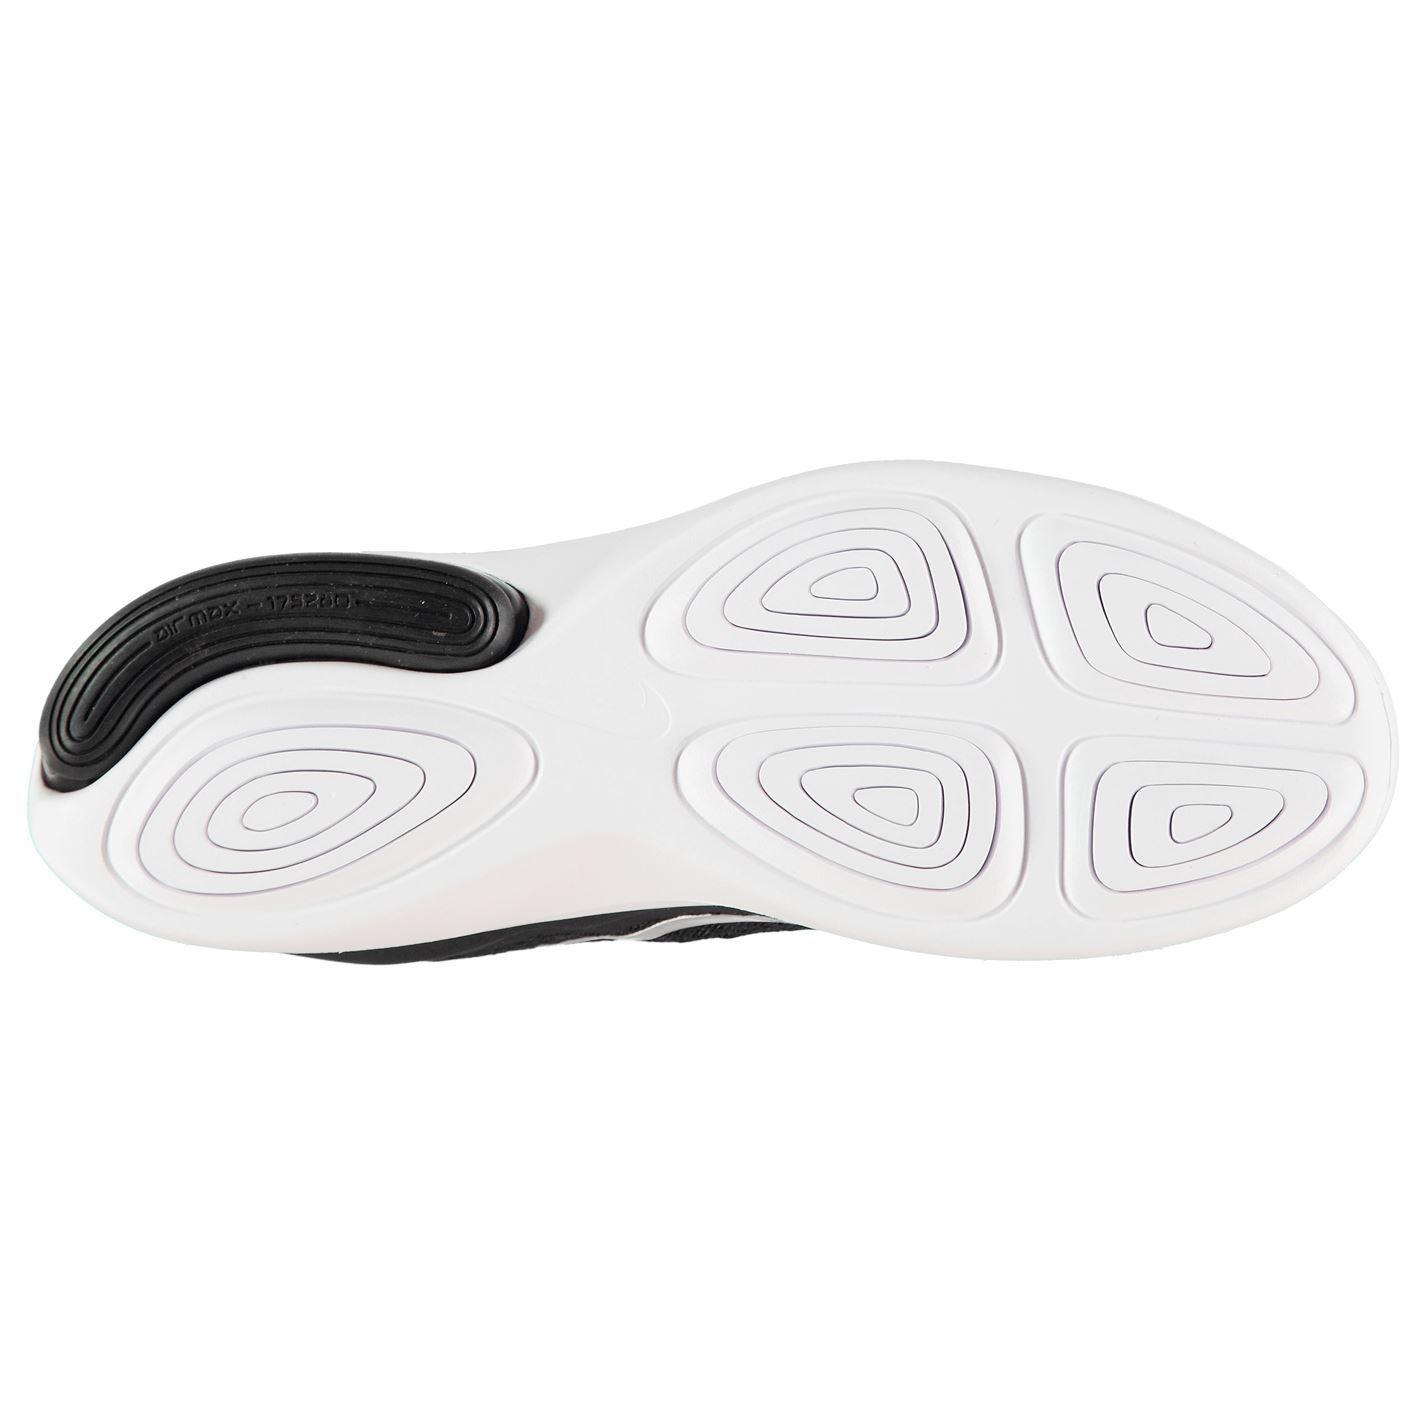 Dettagli su Nike AIR MAX kantara Scarpe Da Corsa da Donna NeroArgento Jogging Ginnastica mostra il titolo originale